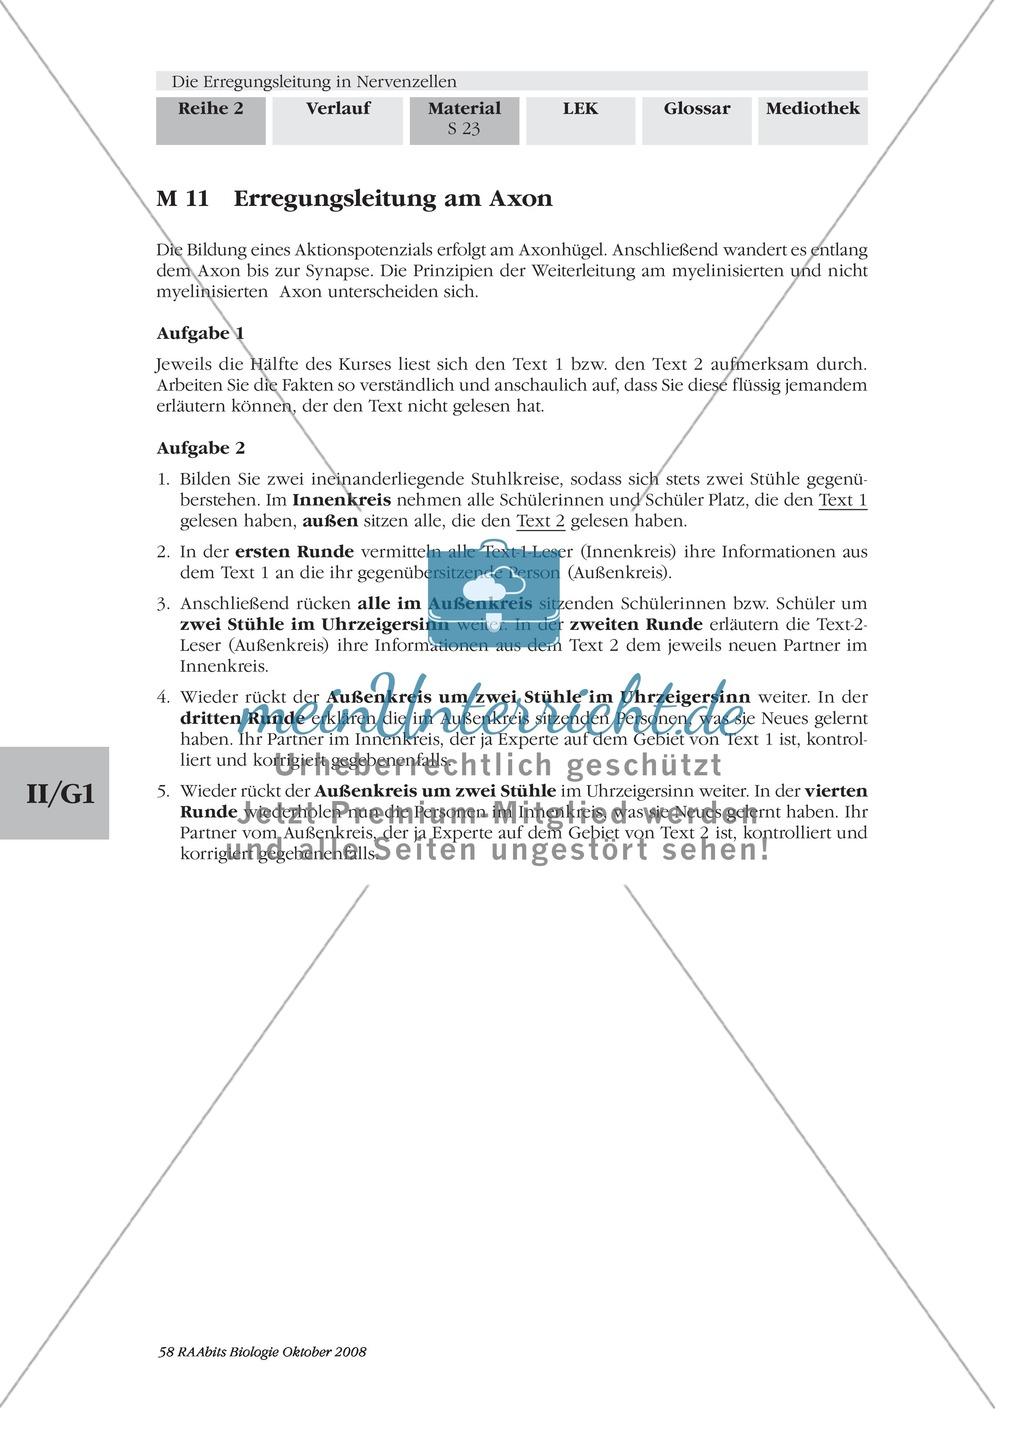 Die Erregungsleitung am Axon selbstständig erklären: Stärkung der Textarbeit und Kommunikationsfähigkeit im Biologie-Unterricht Preview 0